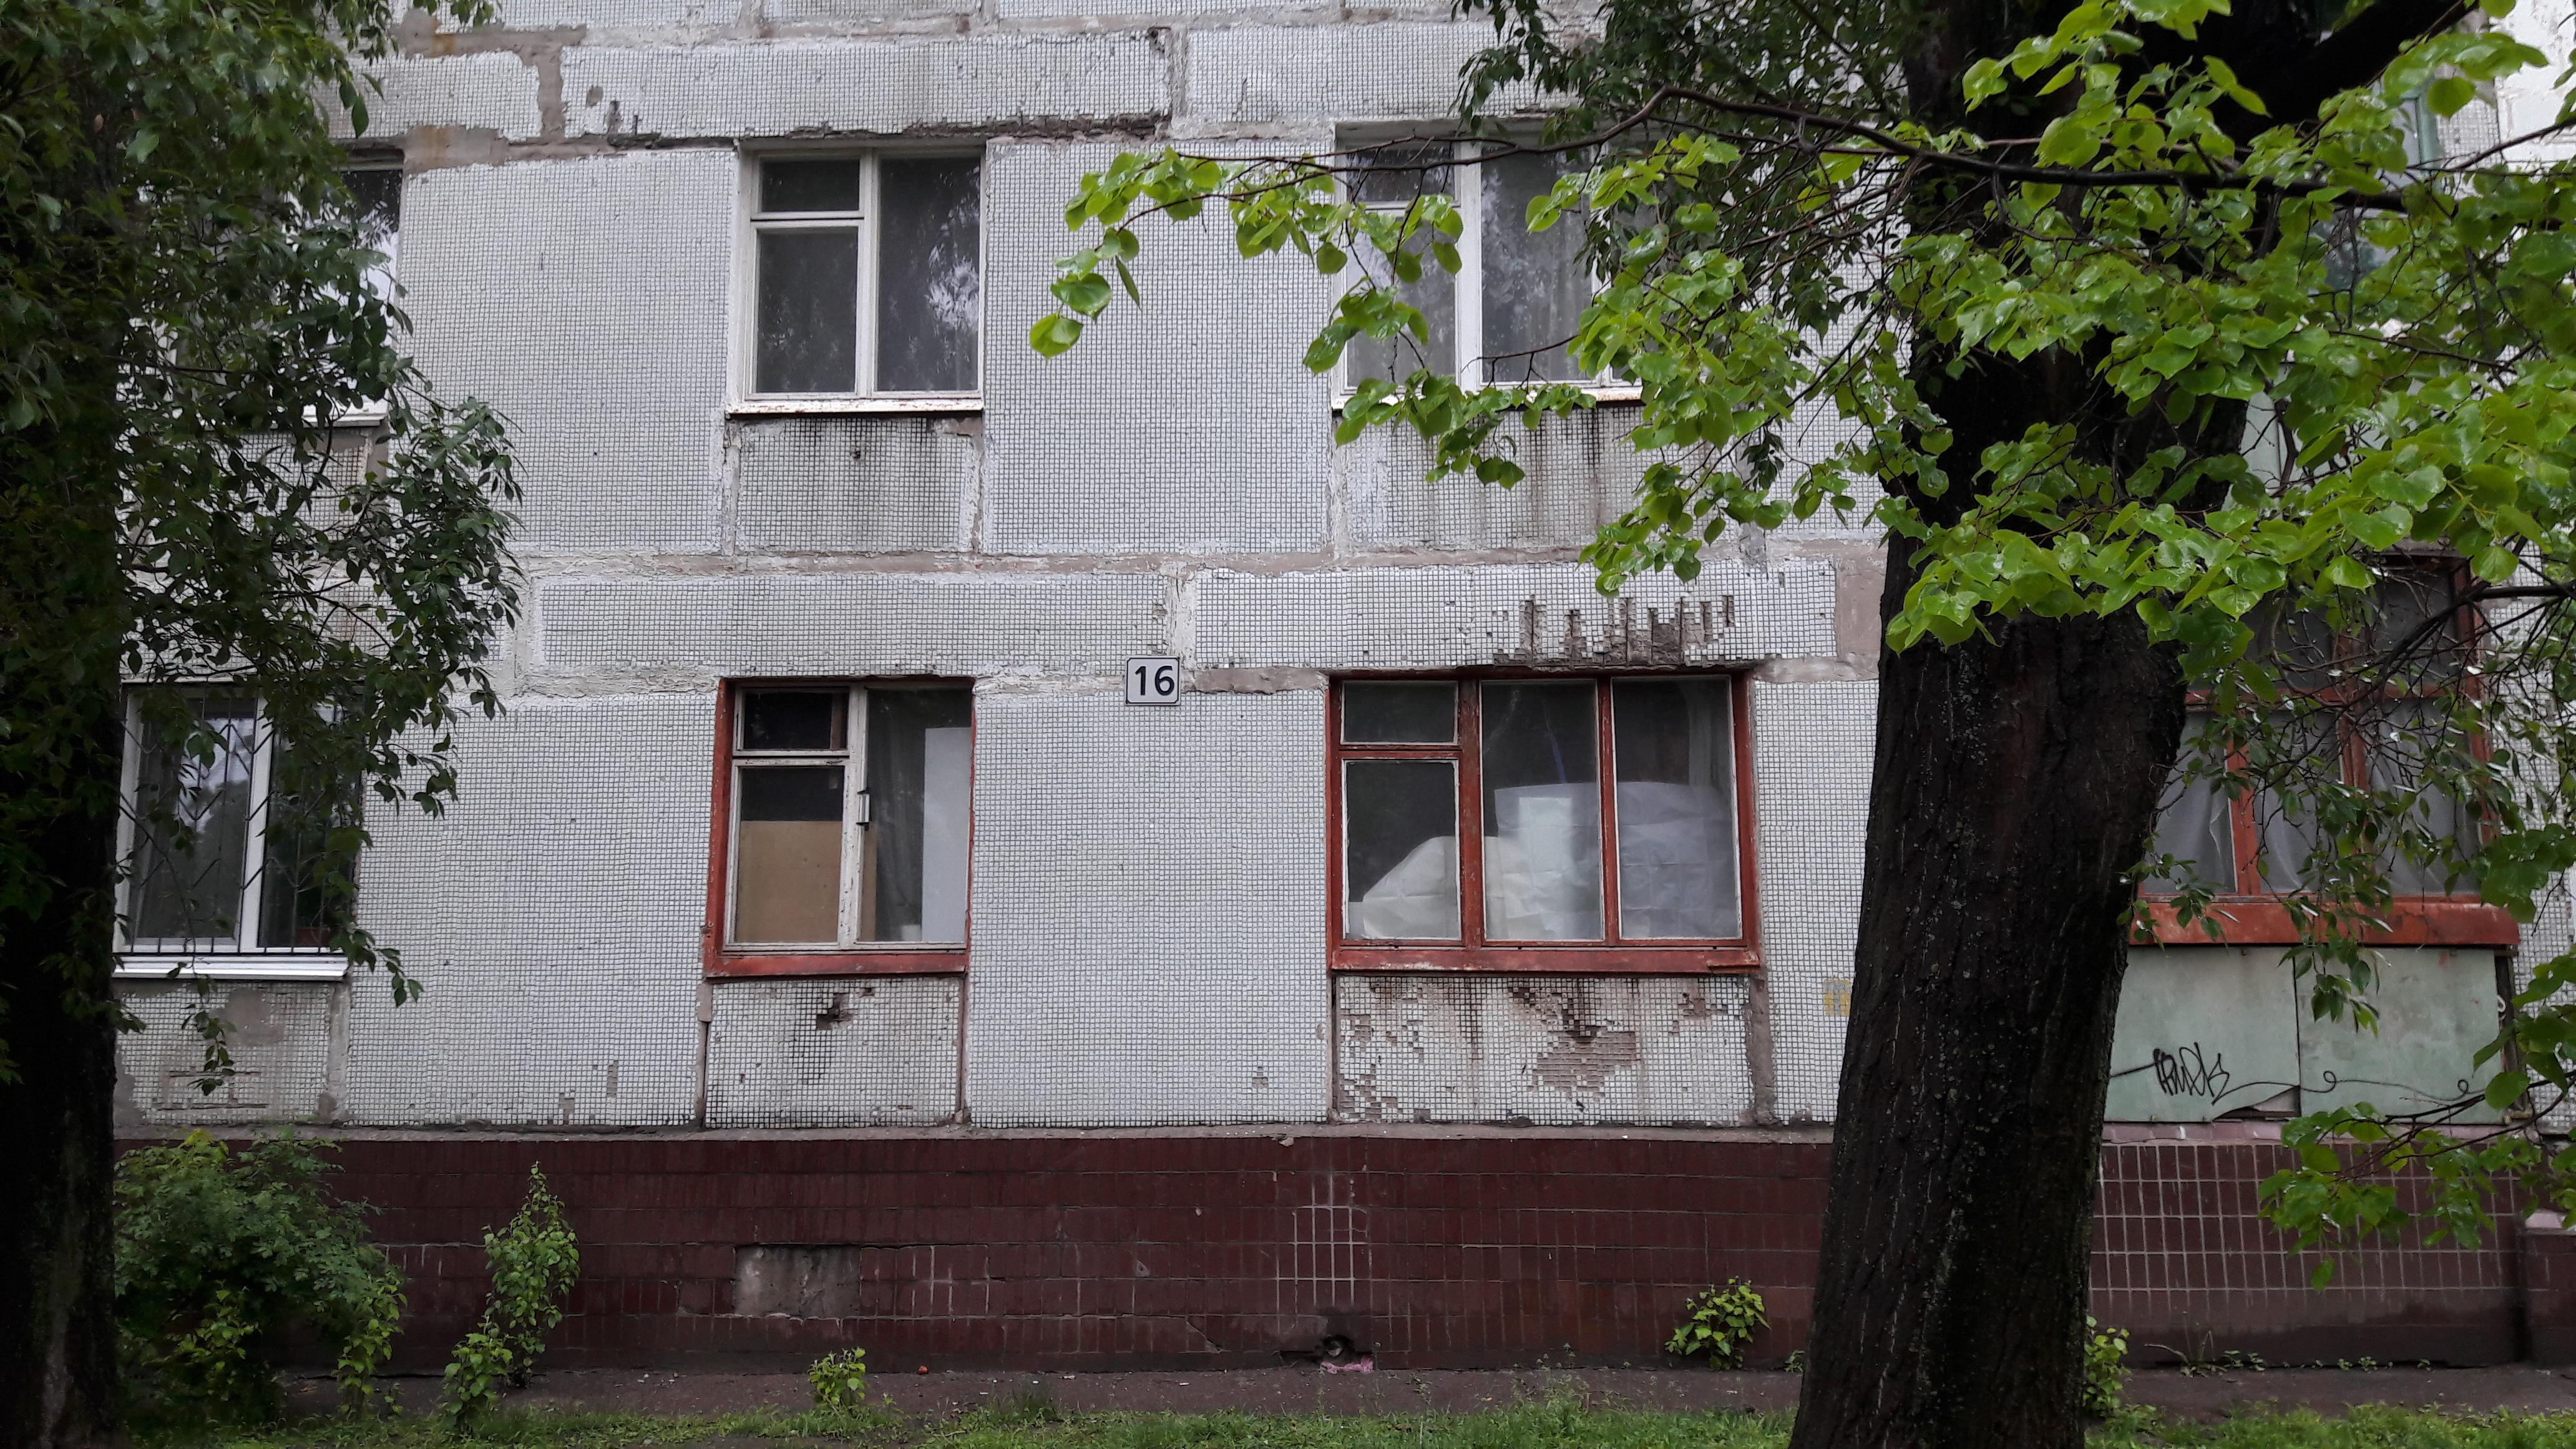 Житлова 2-х кімнатна квартира №30 загальною площею 49,5 кв.м. за адресою: м. Дніпропетровськ, вул. Космонавтів, буд.16